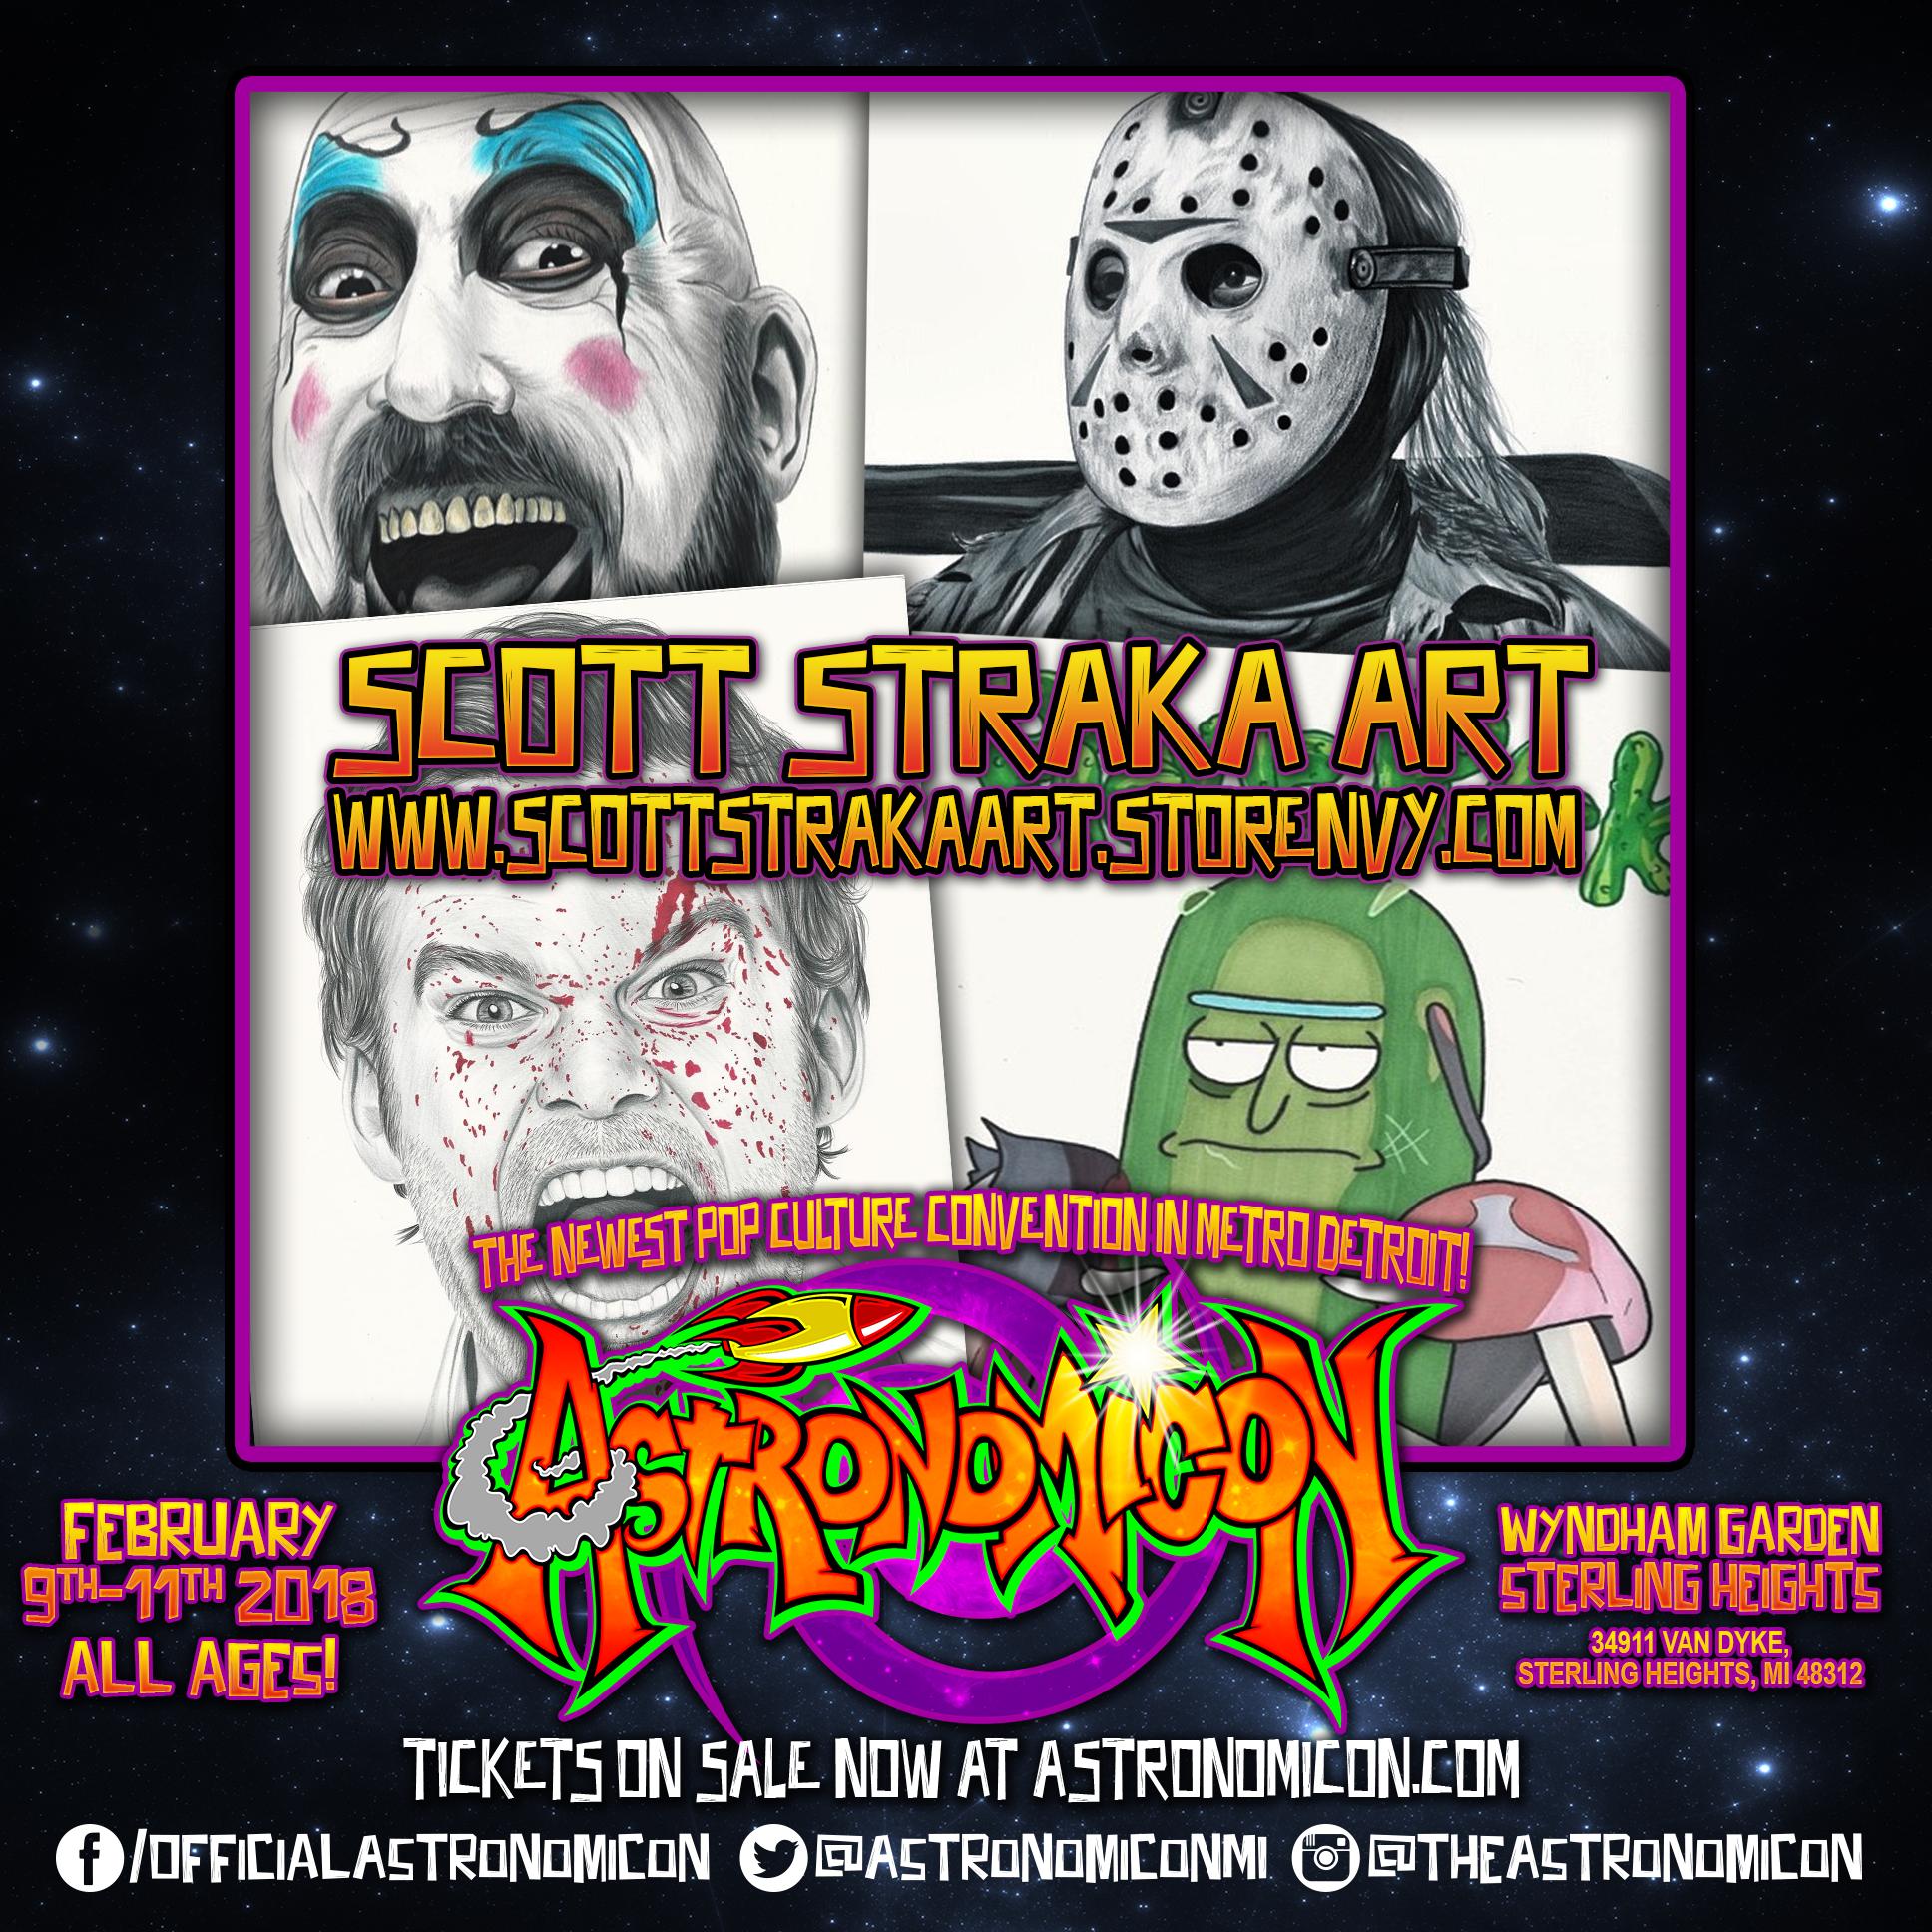 Scott Straka Art -  ScottStrakaart.storenvy.com